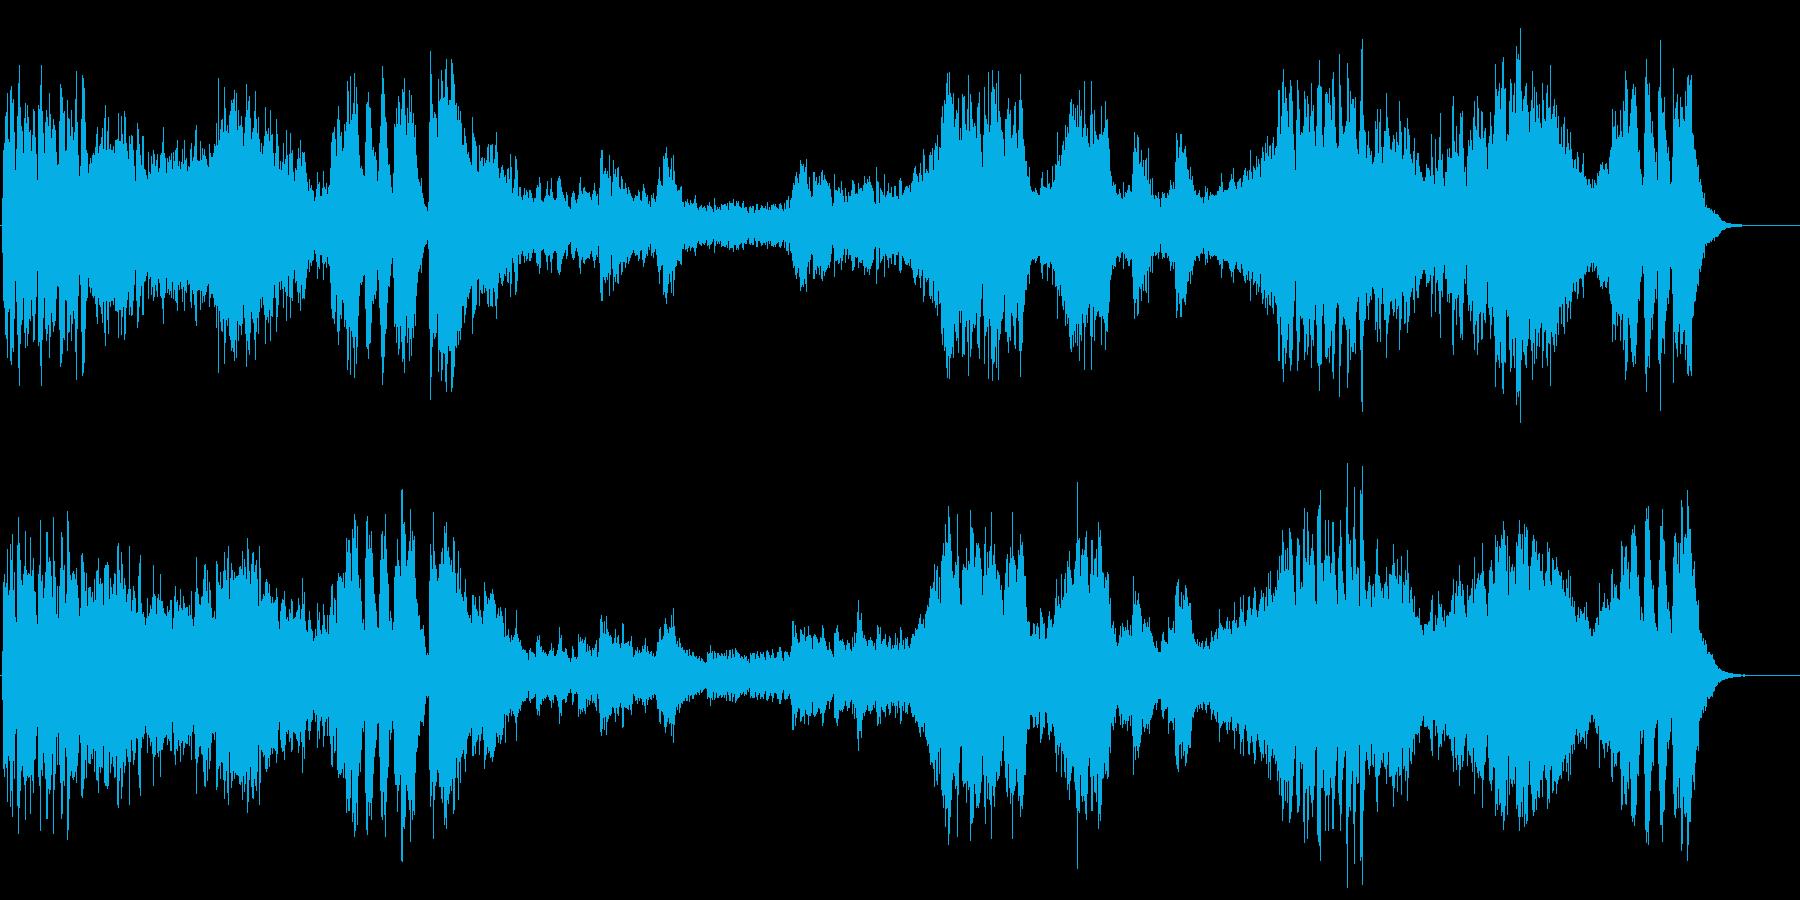 『高雅で感傷的なワルツ』第一楽章の再生済みの波形